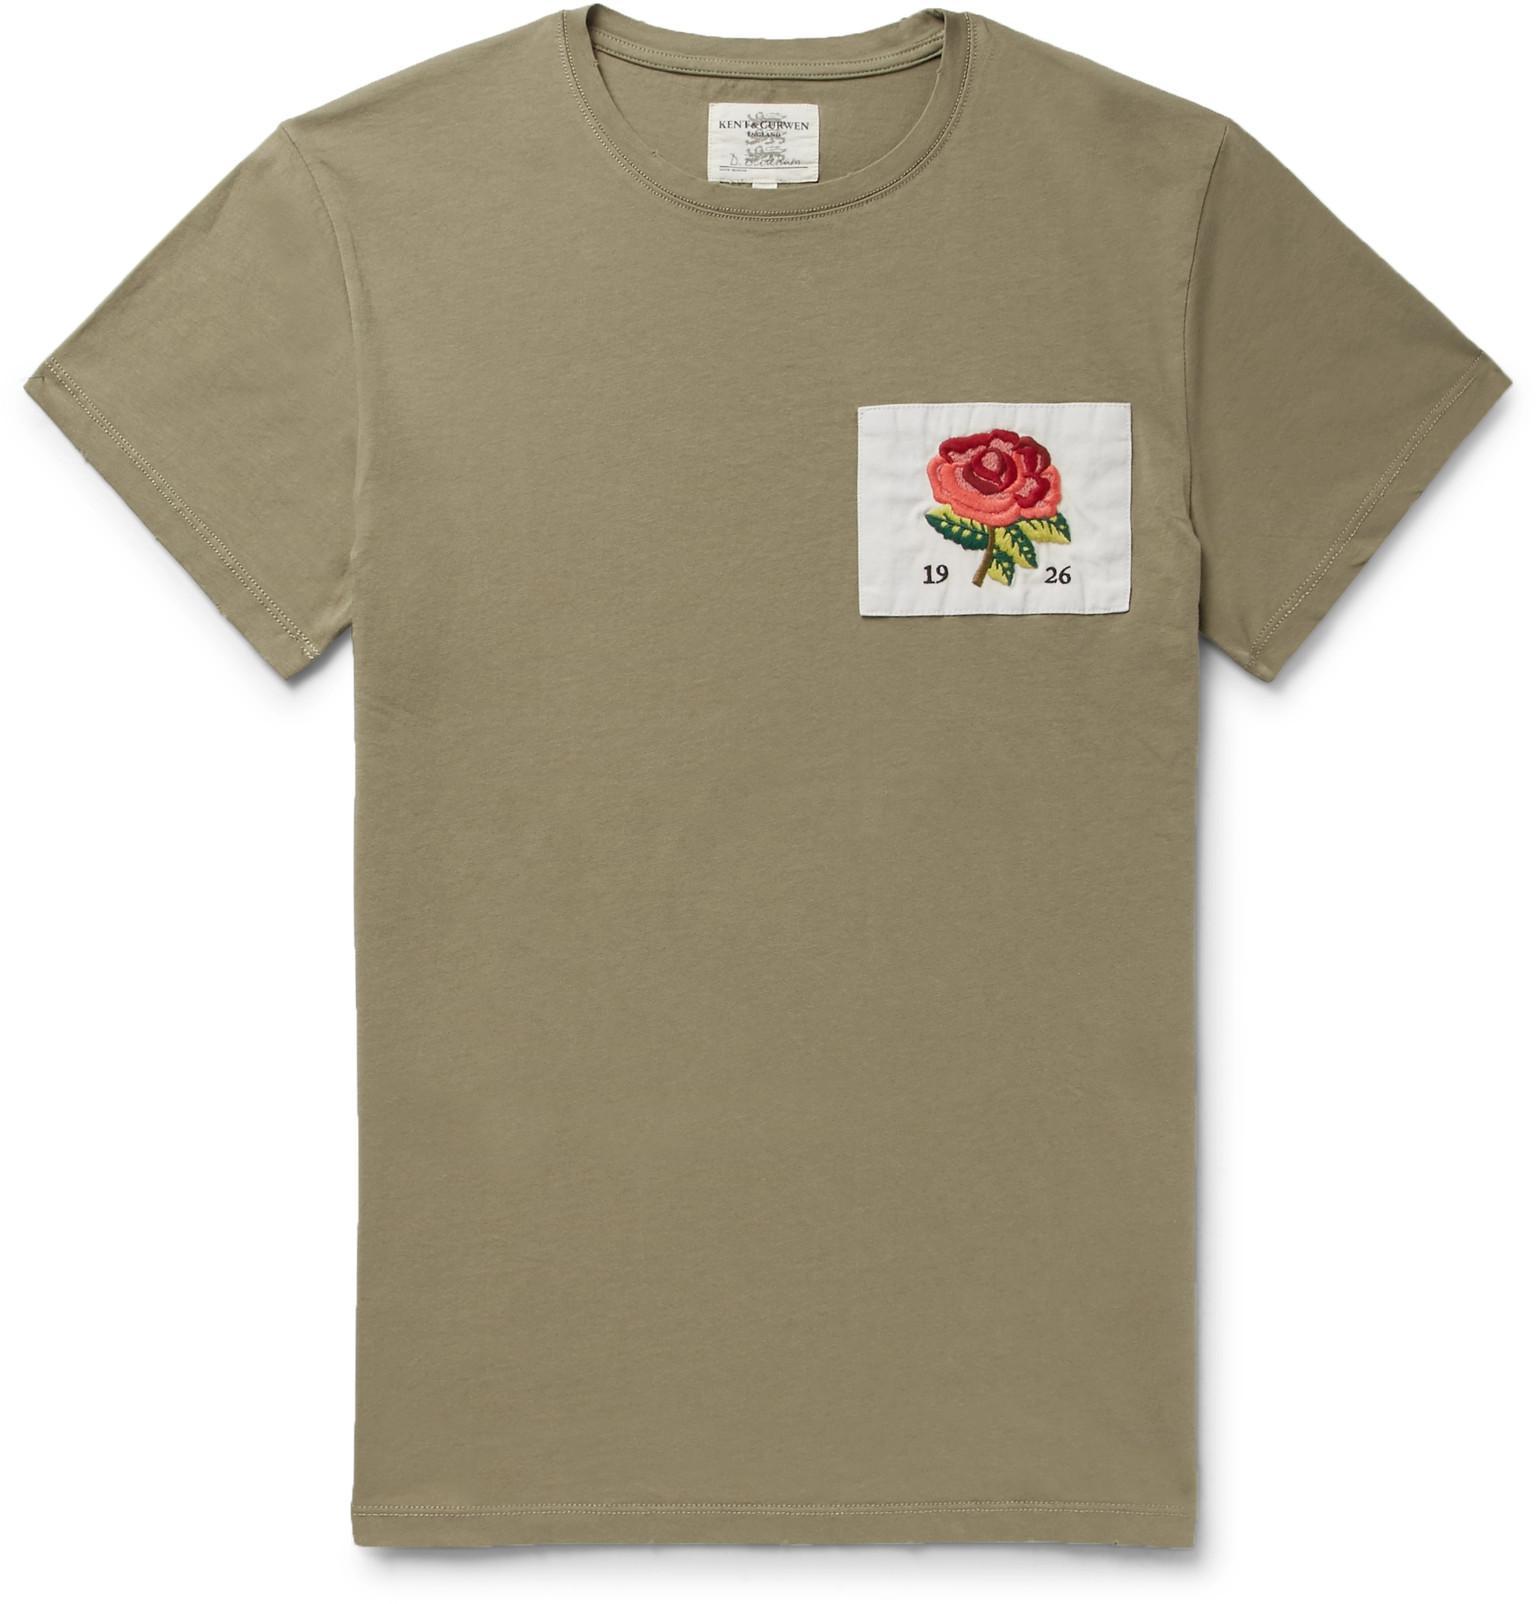 Kent curwen slim fit appliquéd cotton jersey t shirt